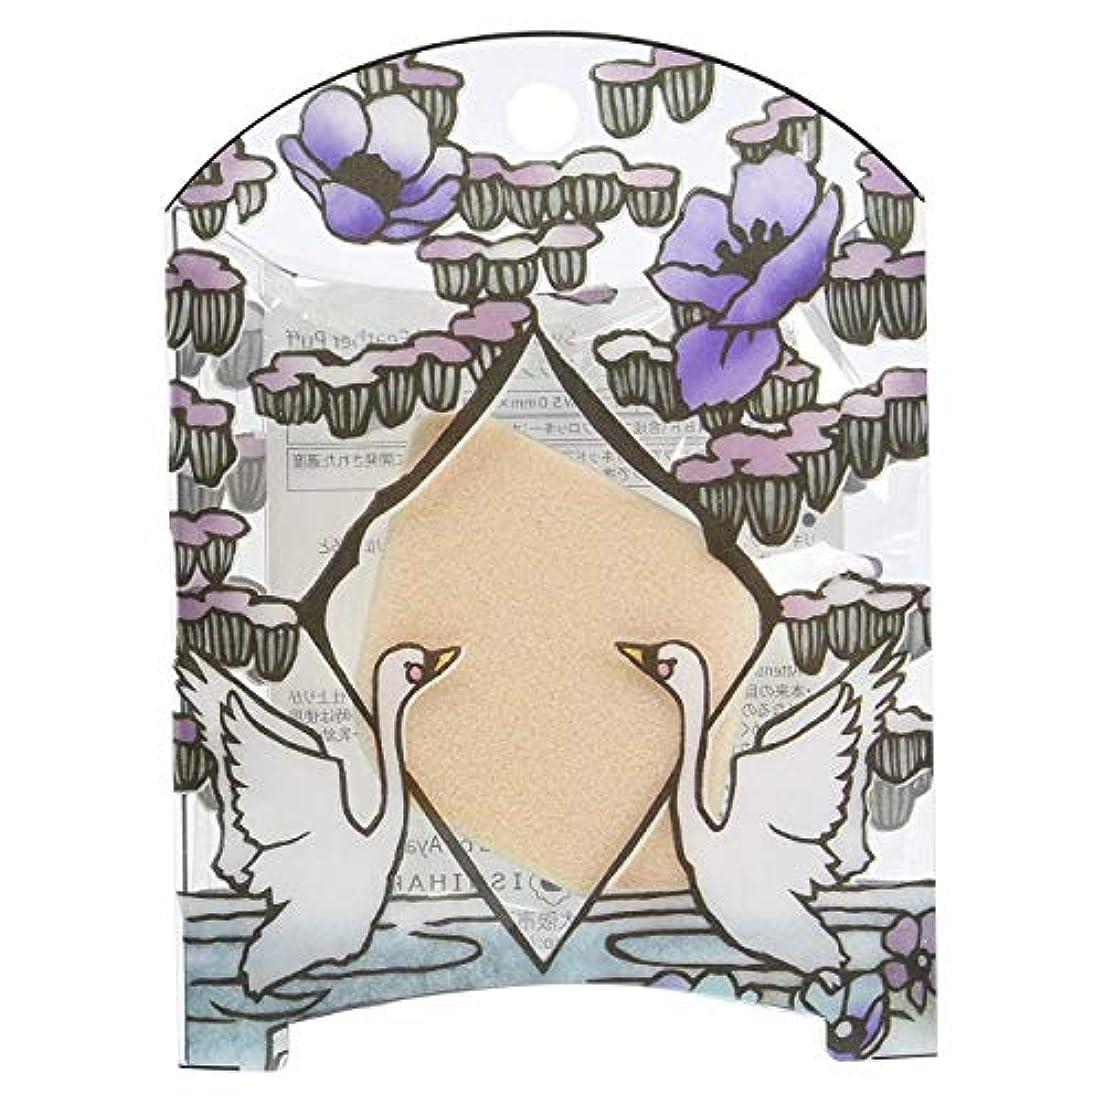 ヘッドレス情熱的ネックレットswan de beaute(スワン?ド?ボーテ) スワン ダイヤモンドフェザーパフ SWAN-07 (1個)